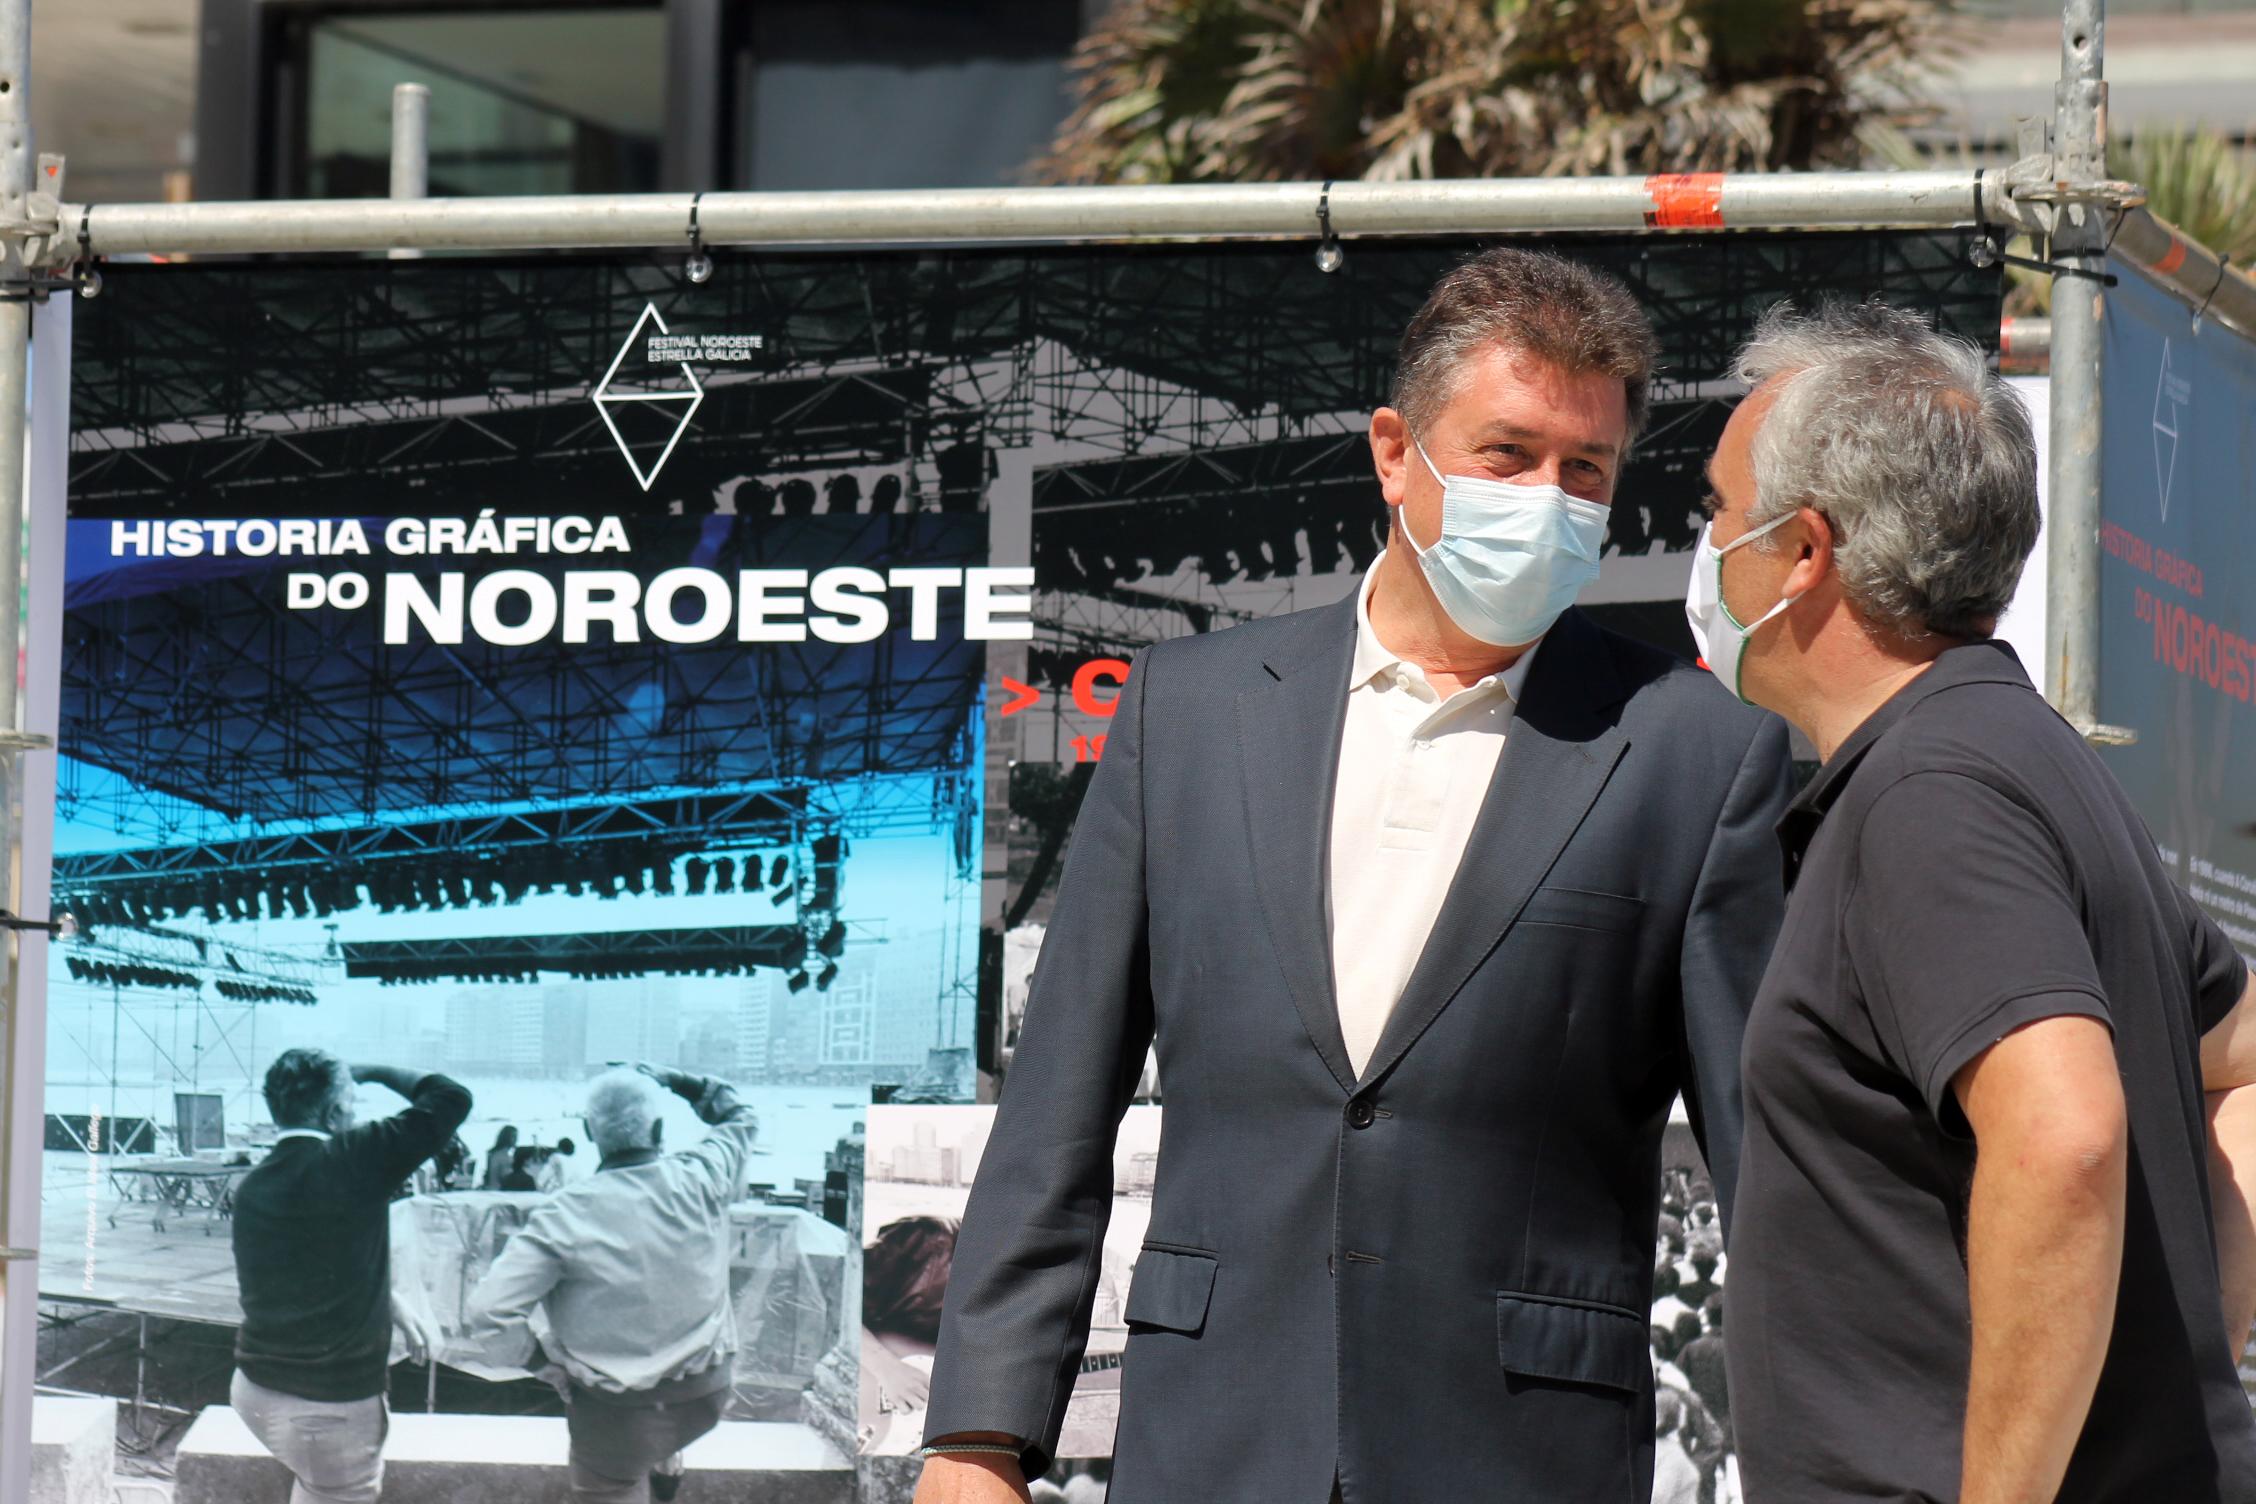 A 'Historia gráfica do Noroeste' Estrella Galicia recorre A Coruña